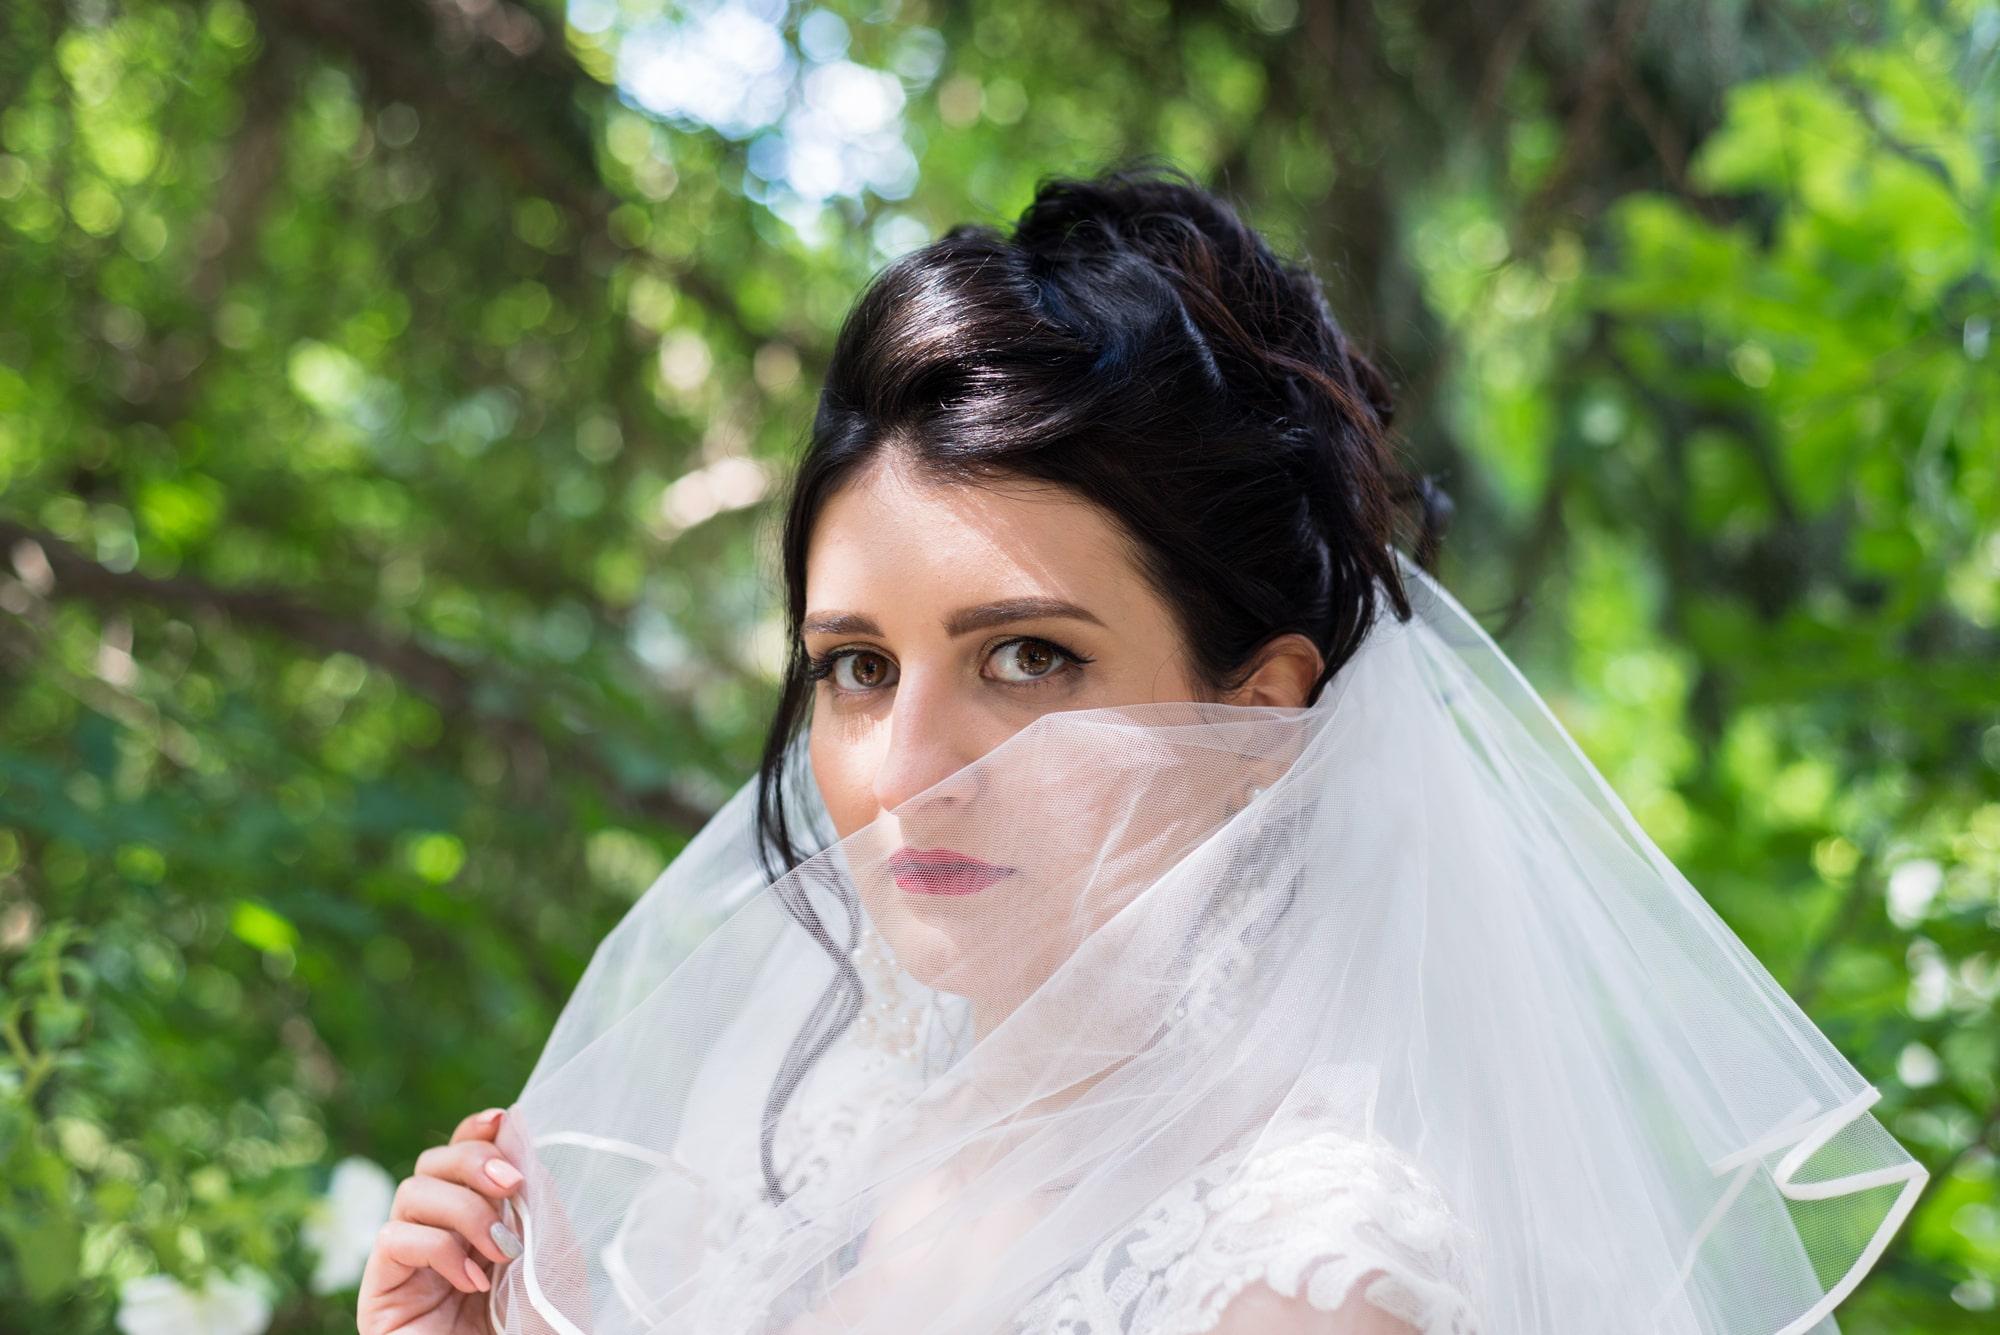 Свадебная фотосъемка в студии Плей - взгляд невесты